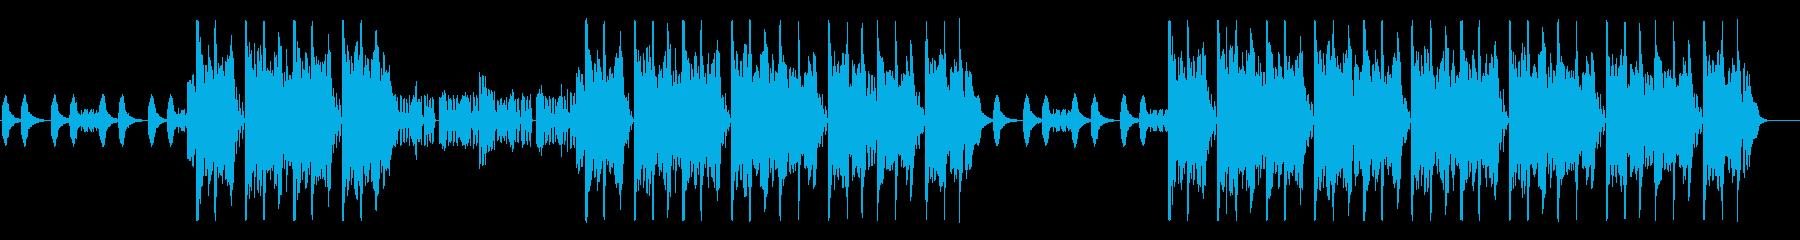 攻撃型HipHopの再生済みの波形